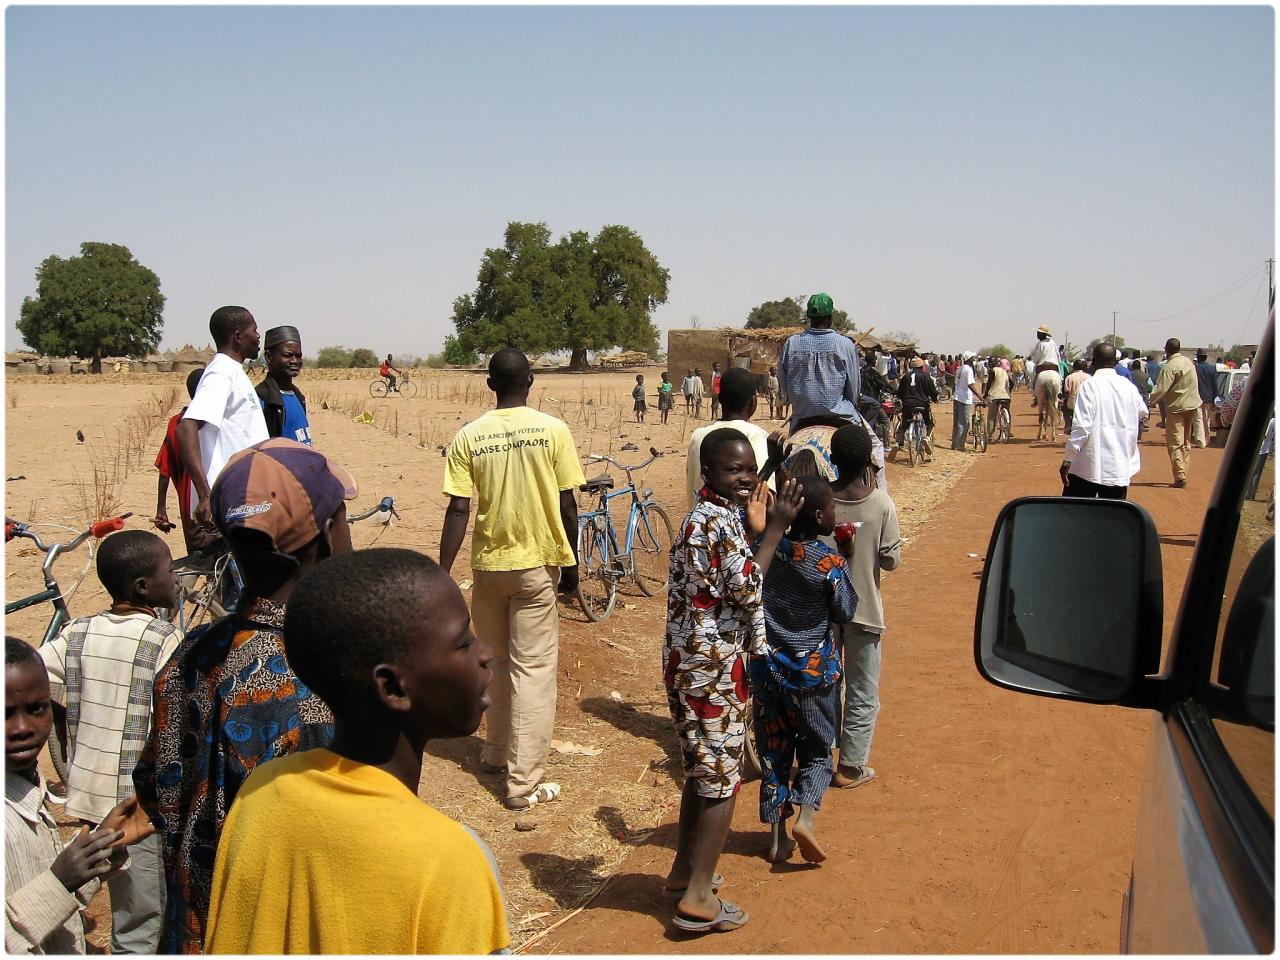 arrivée au village en 2006